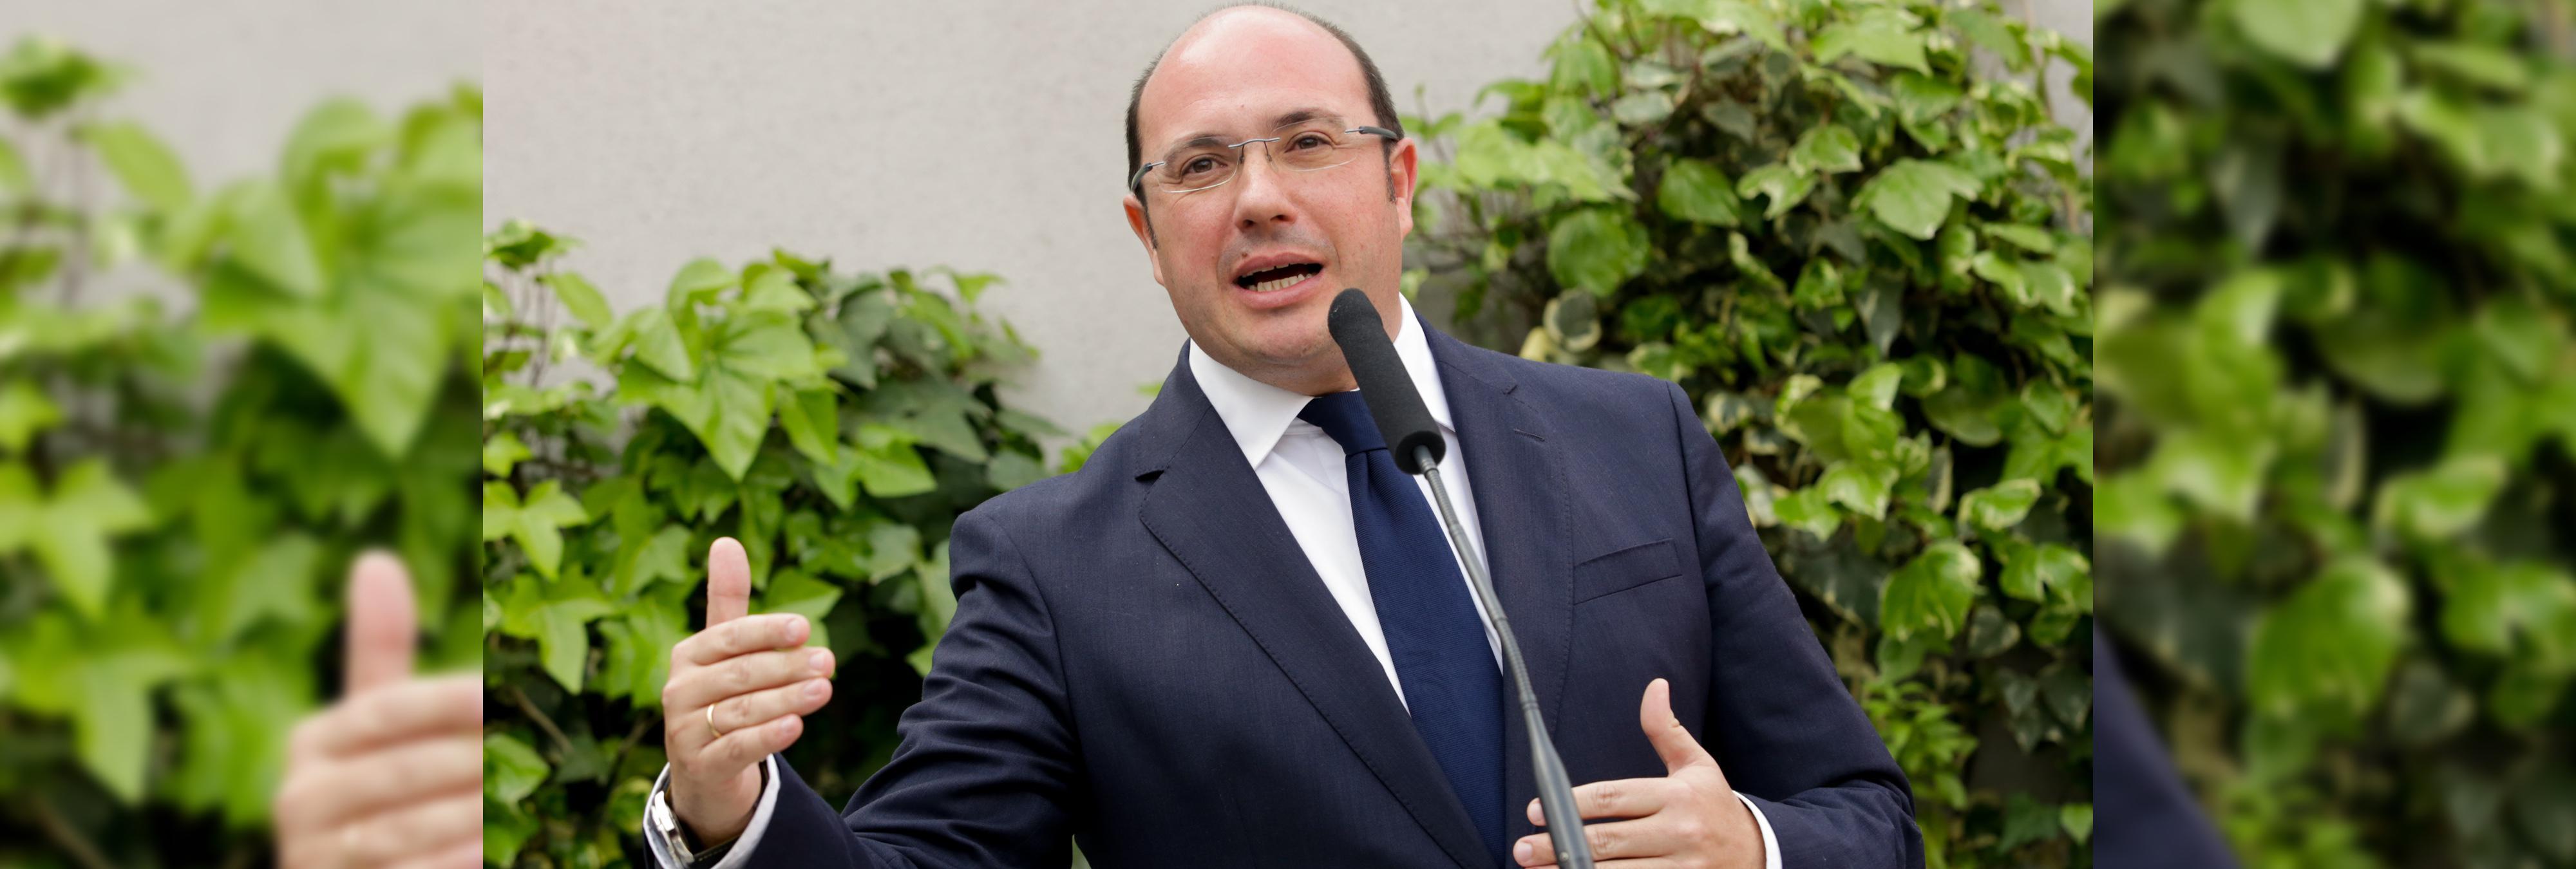 Dimite el presidente de Murcia entre acusaciones de corrupción